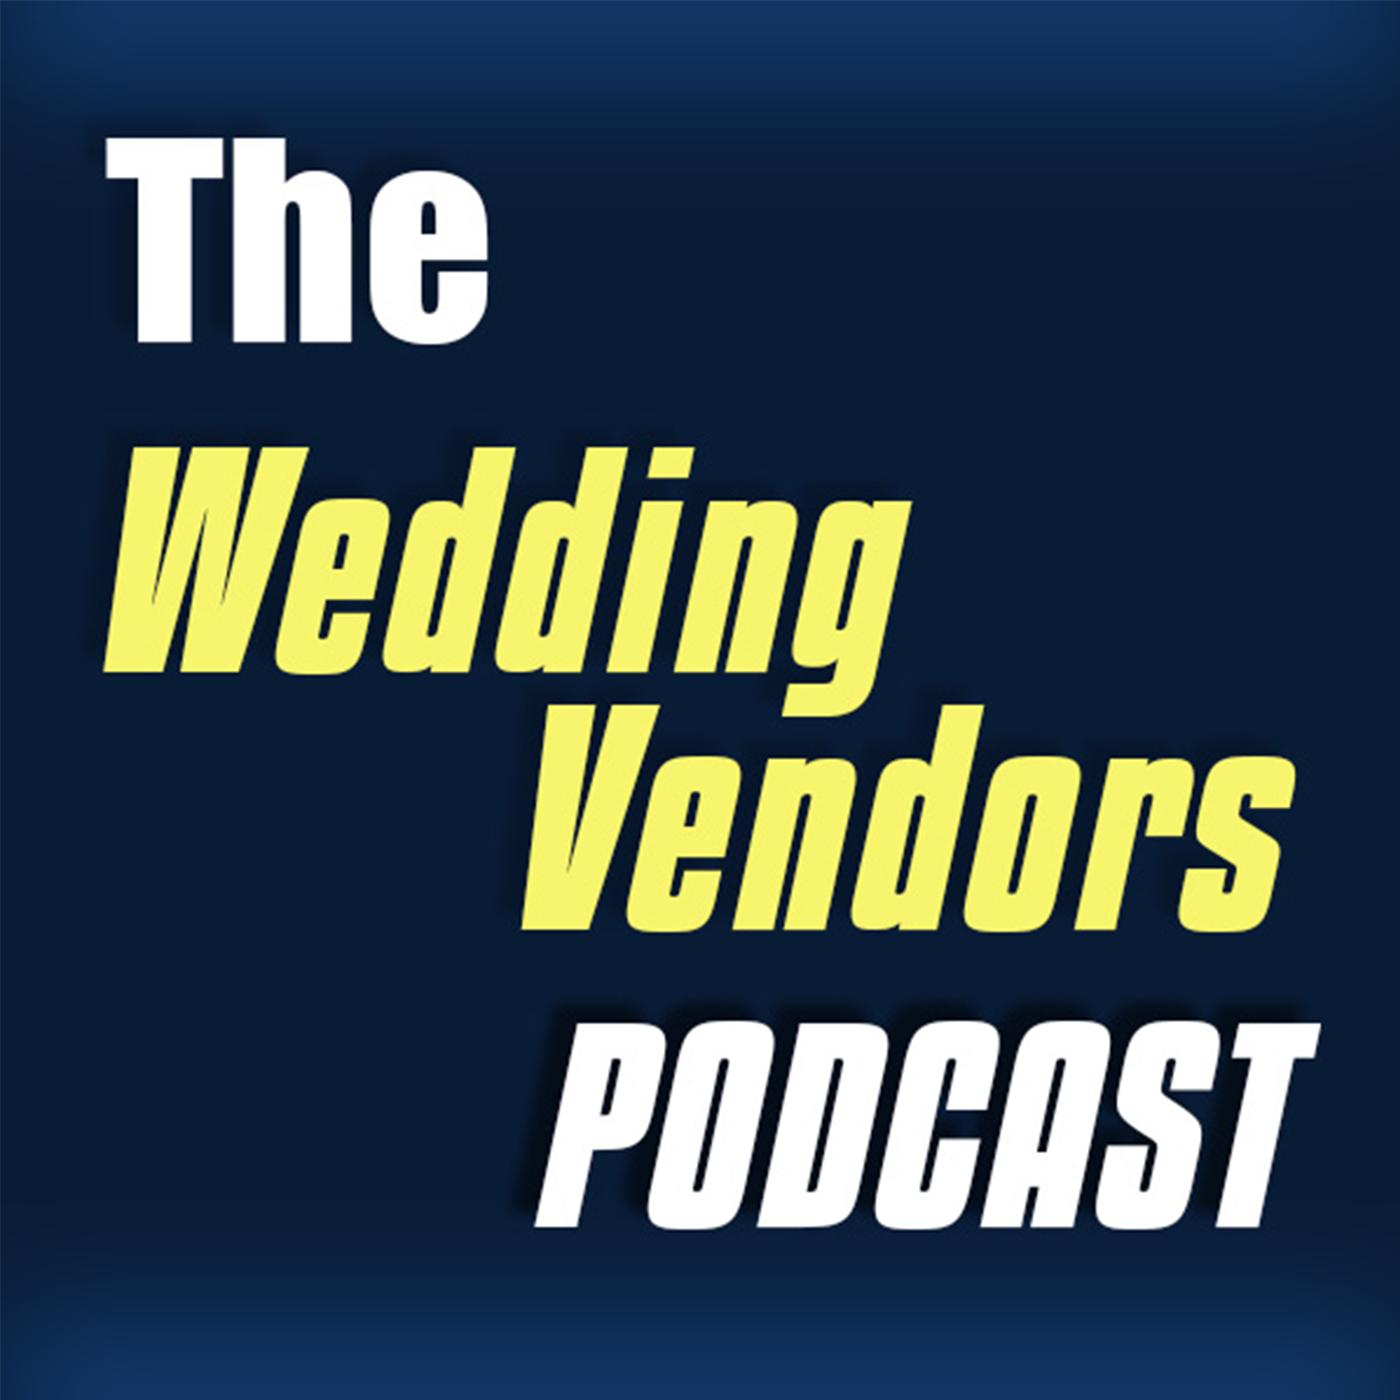 Wedding Vendors Podcast show art